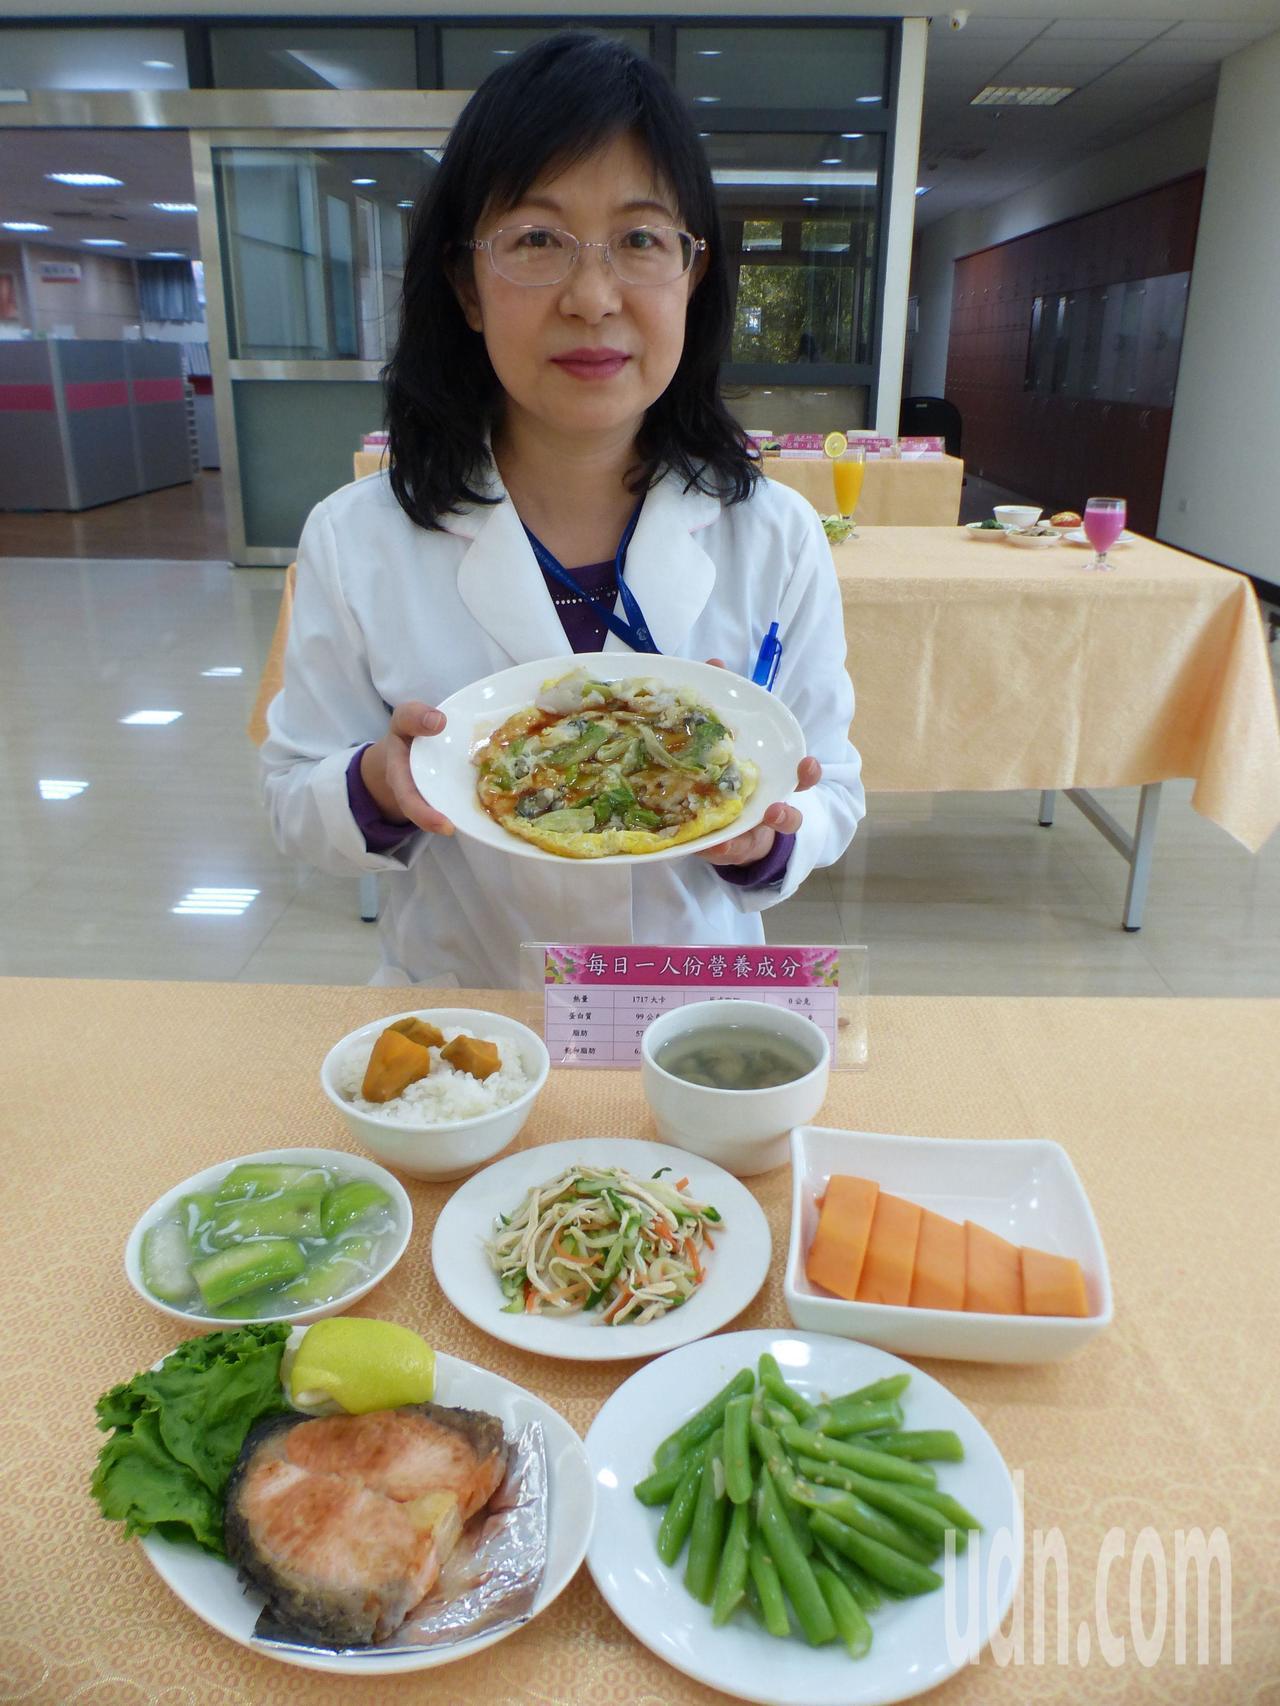 營養師王文宏建議孕婦,懷孕4個月起可增加10克蛋白質、300卡熱量,例如一份蚵仔...